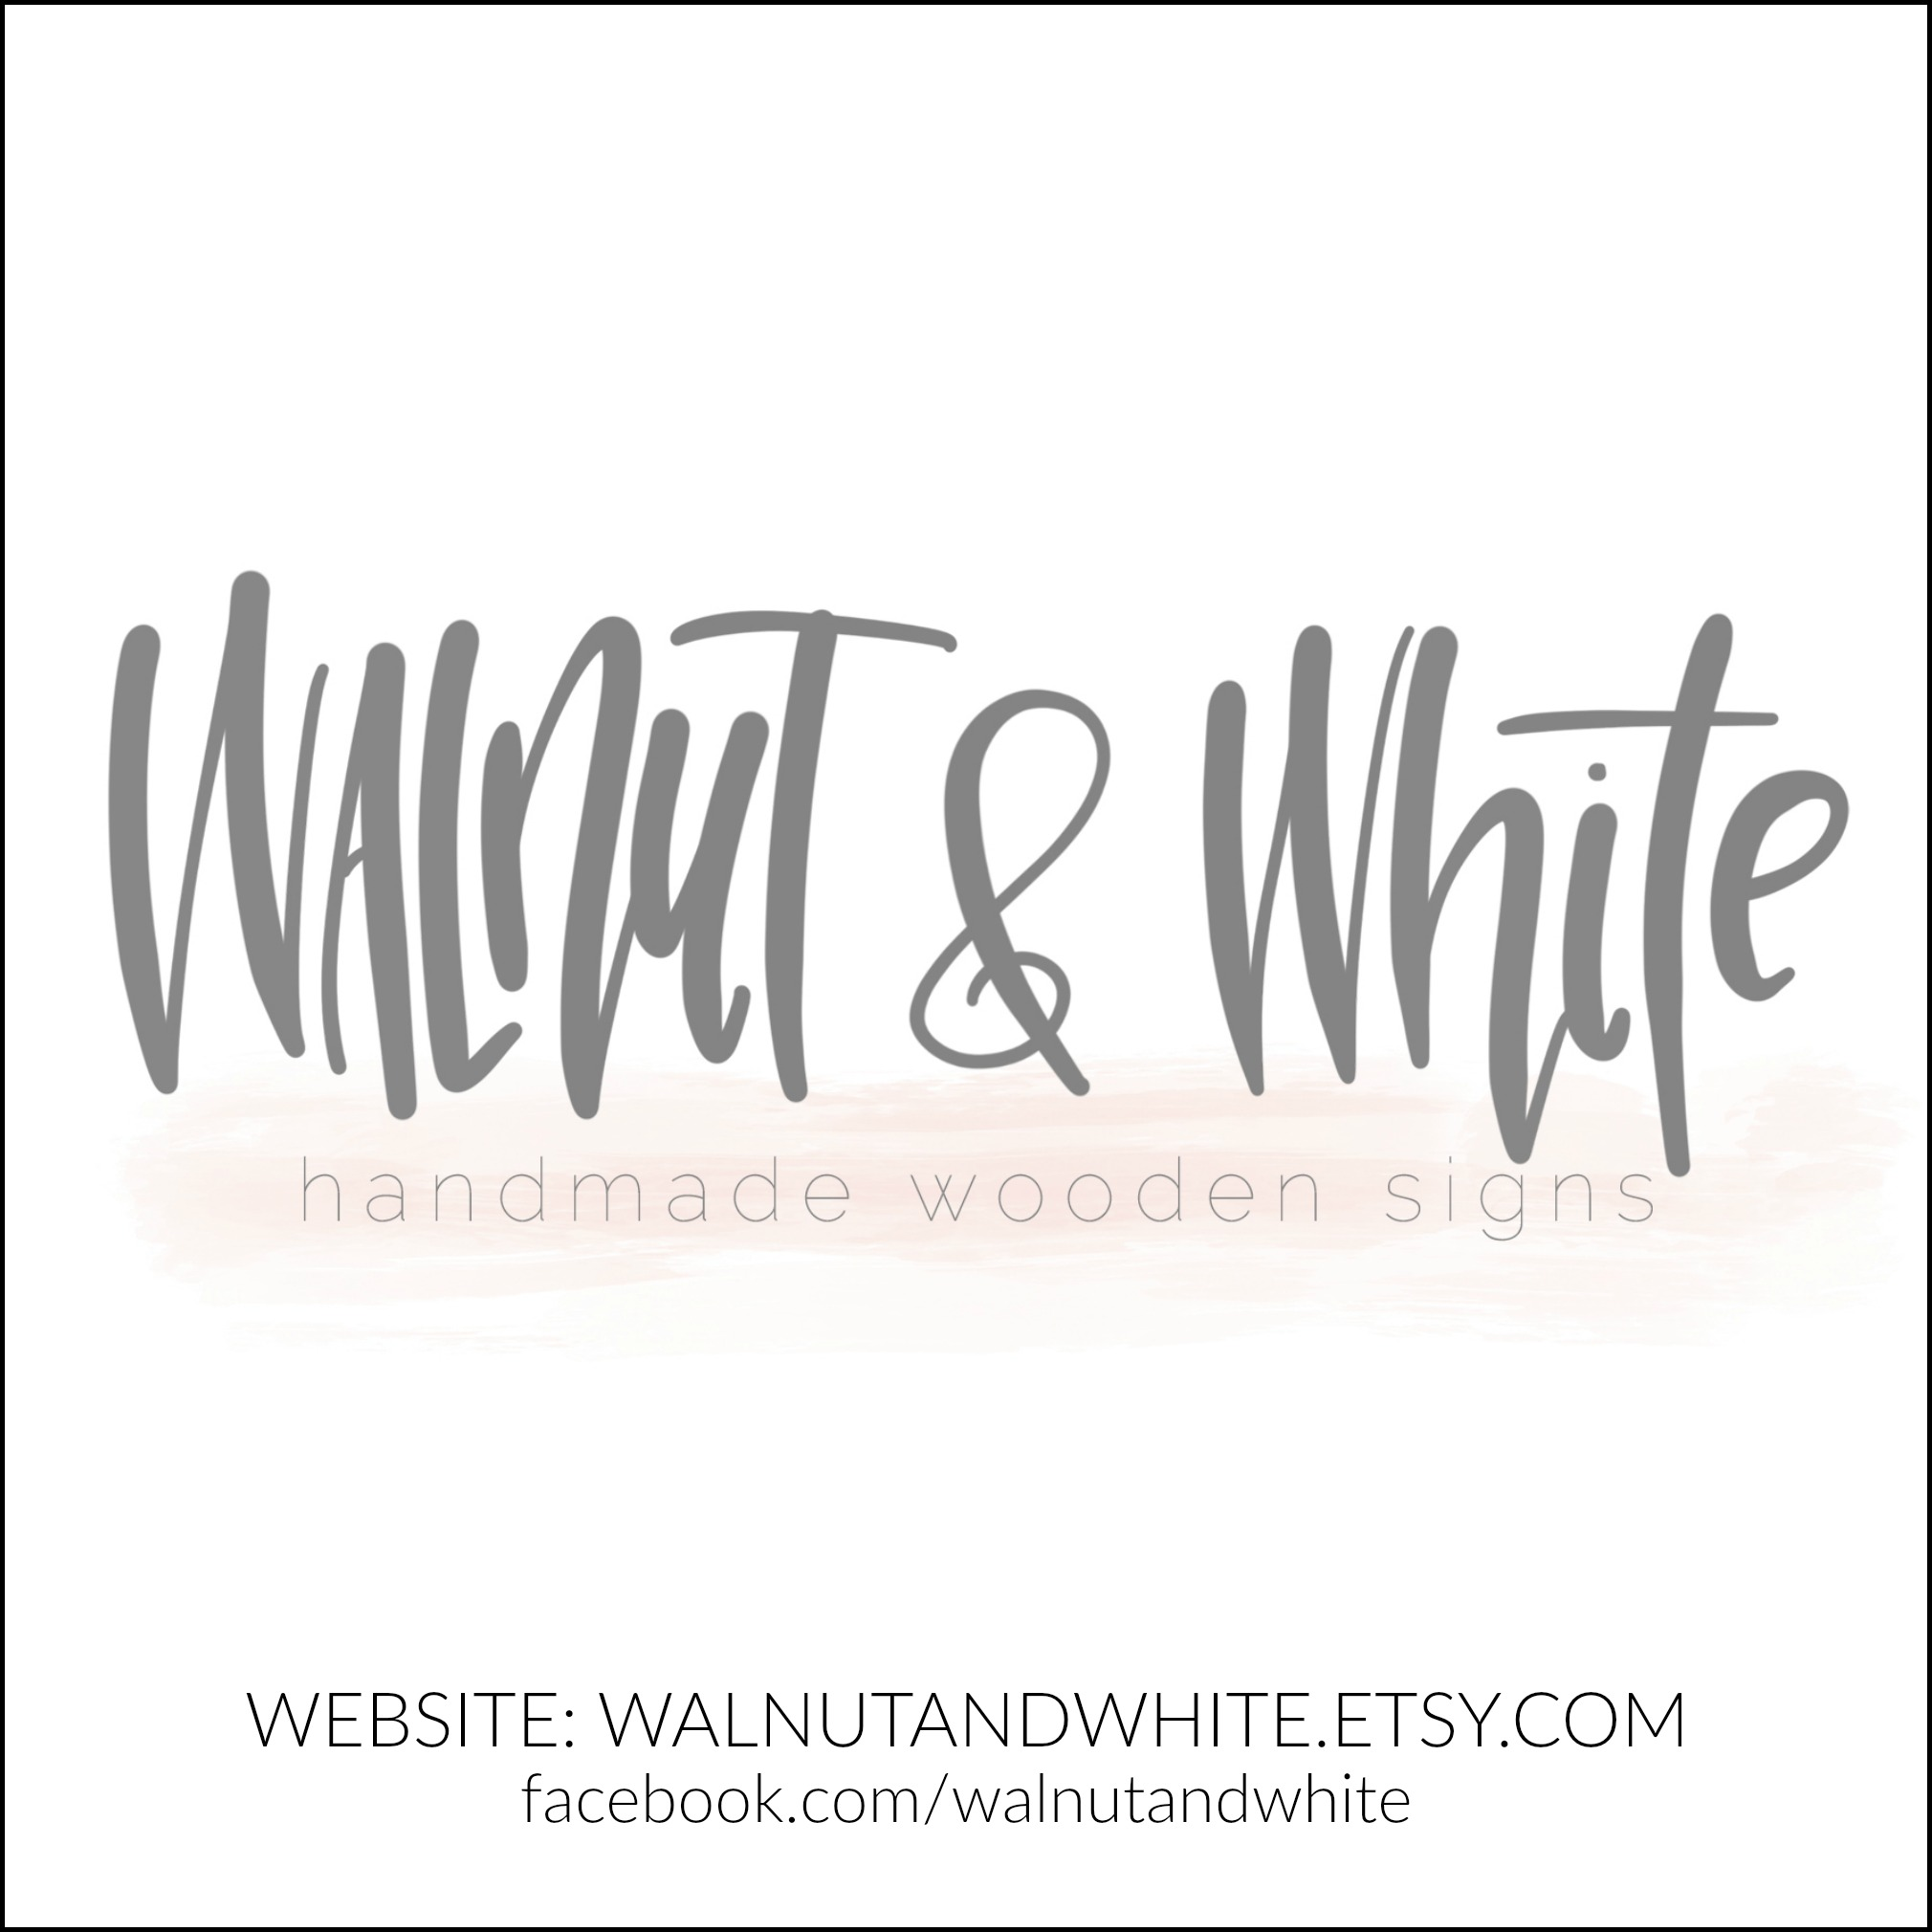 Walnut & White | WALNUTANDWHITE.ETSY.COM